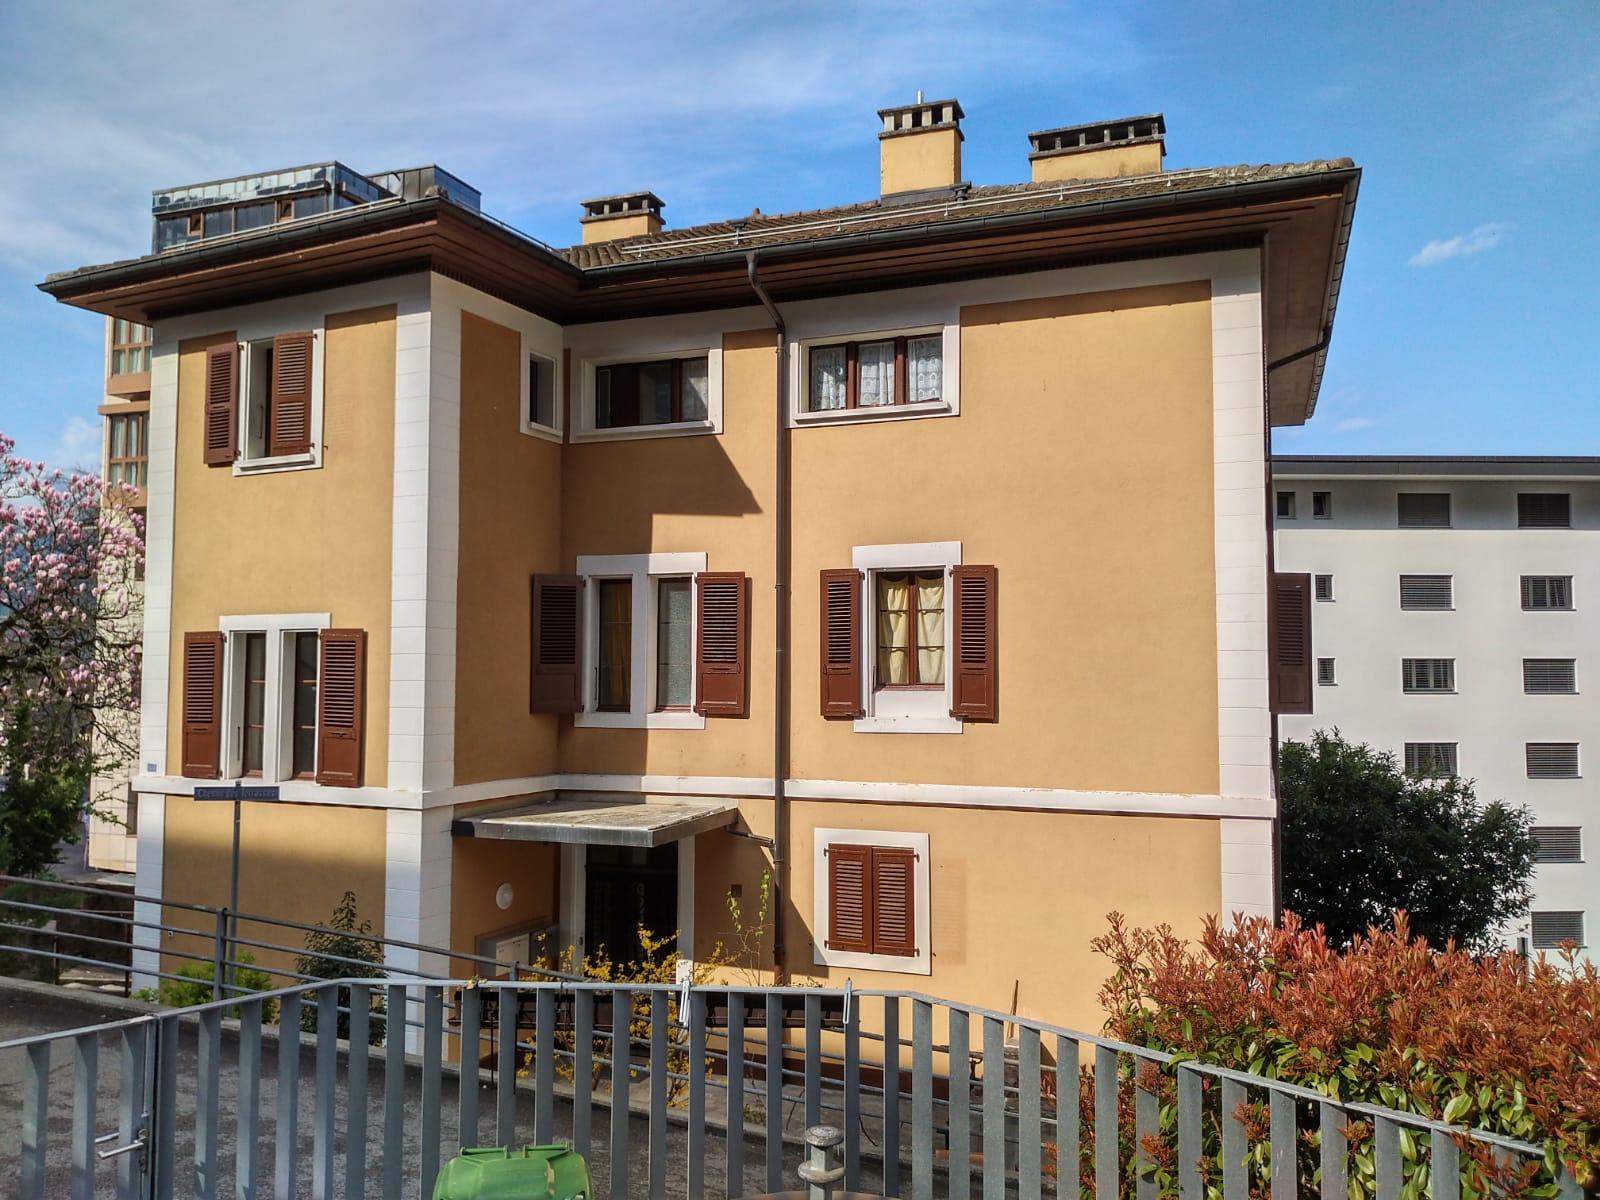 Faisabilité du projet de construction et de transformation. Etude immobilière.